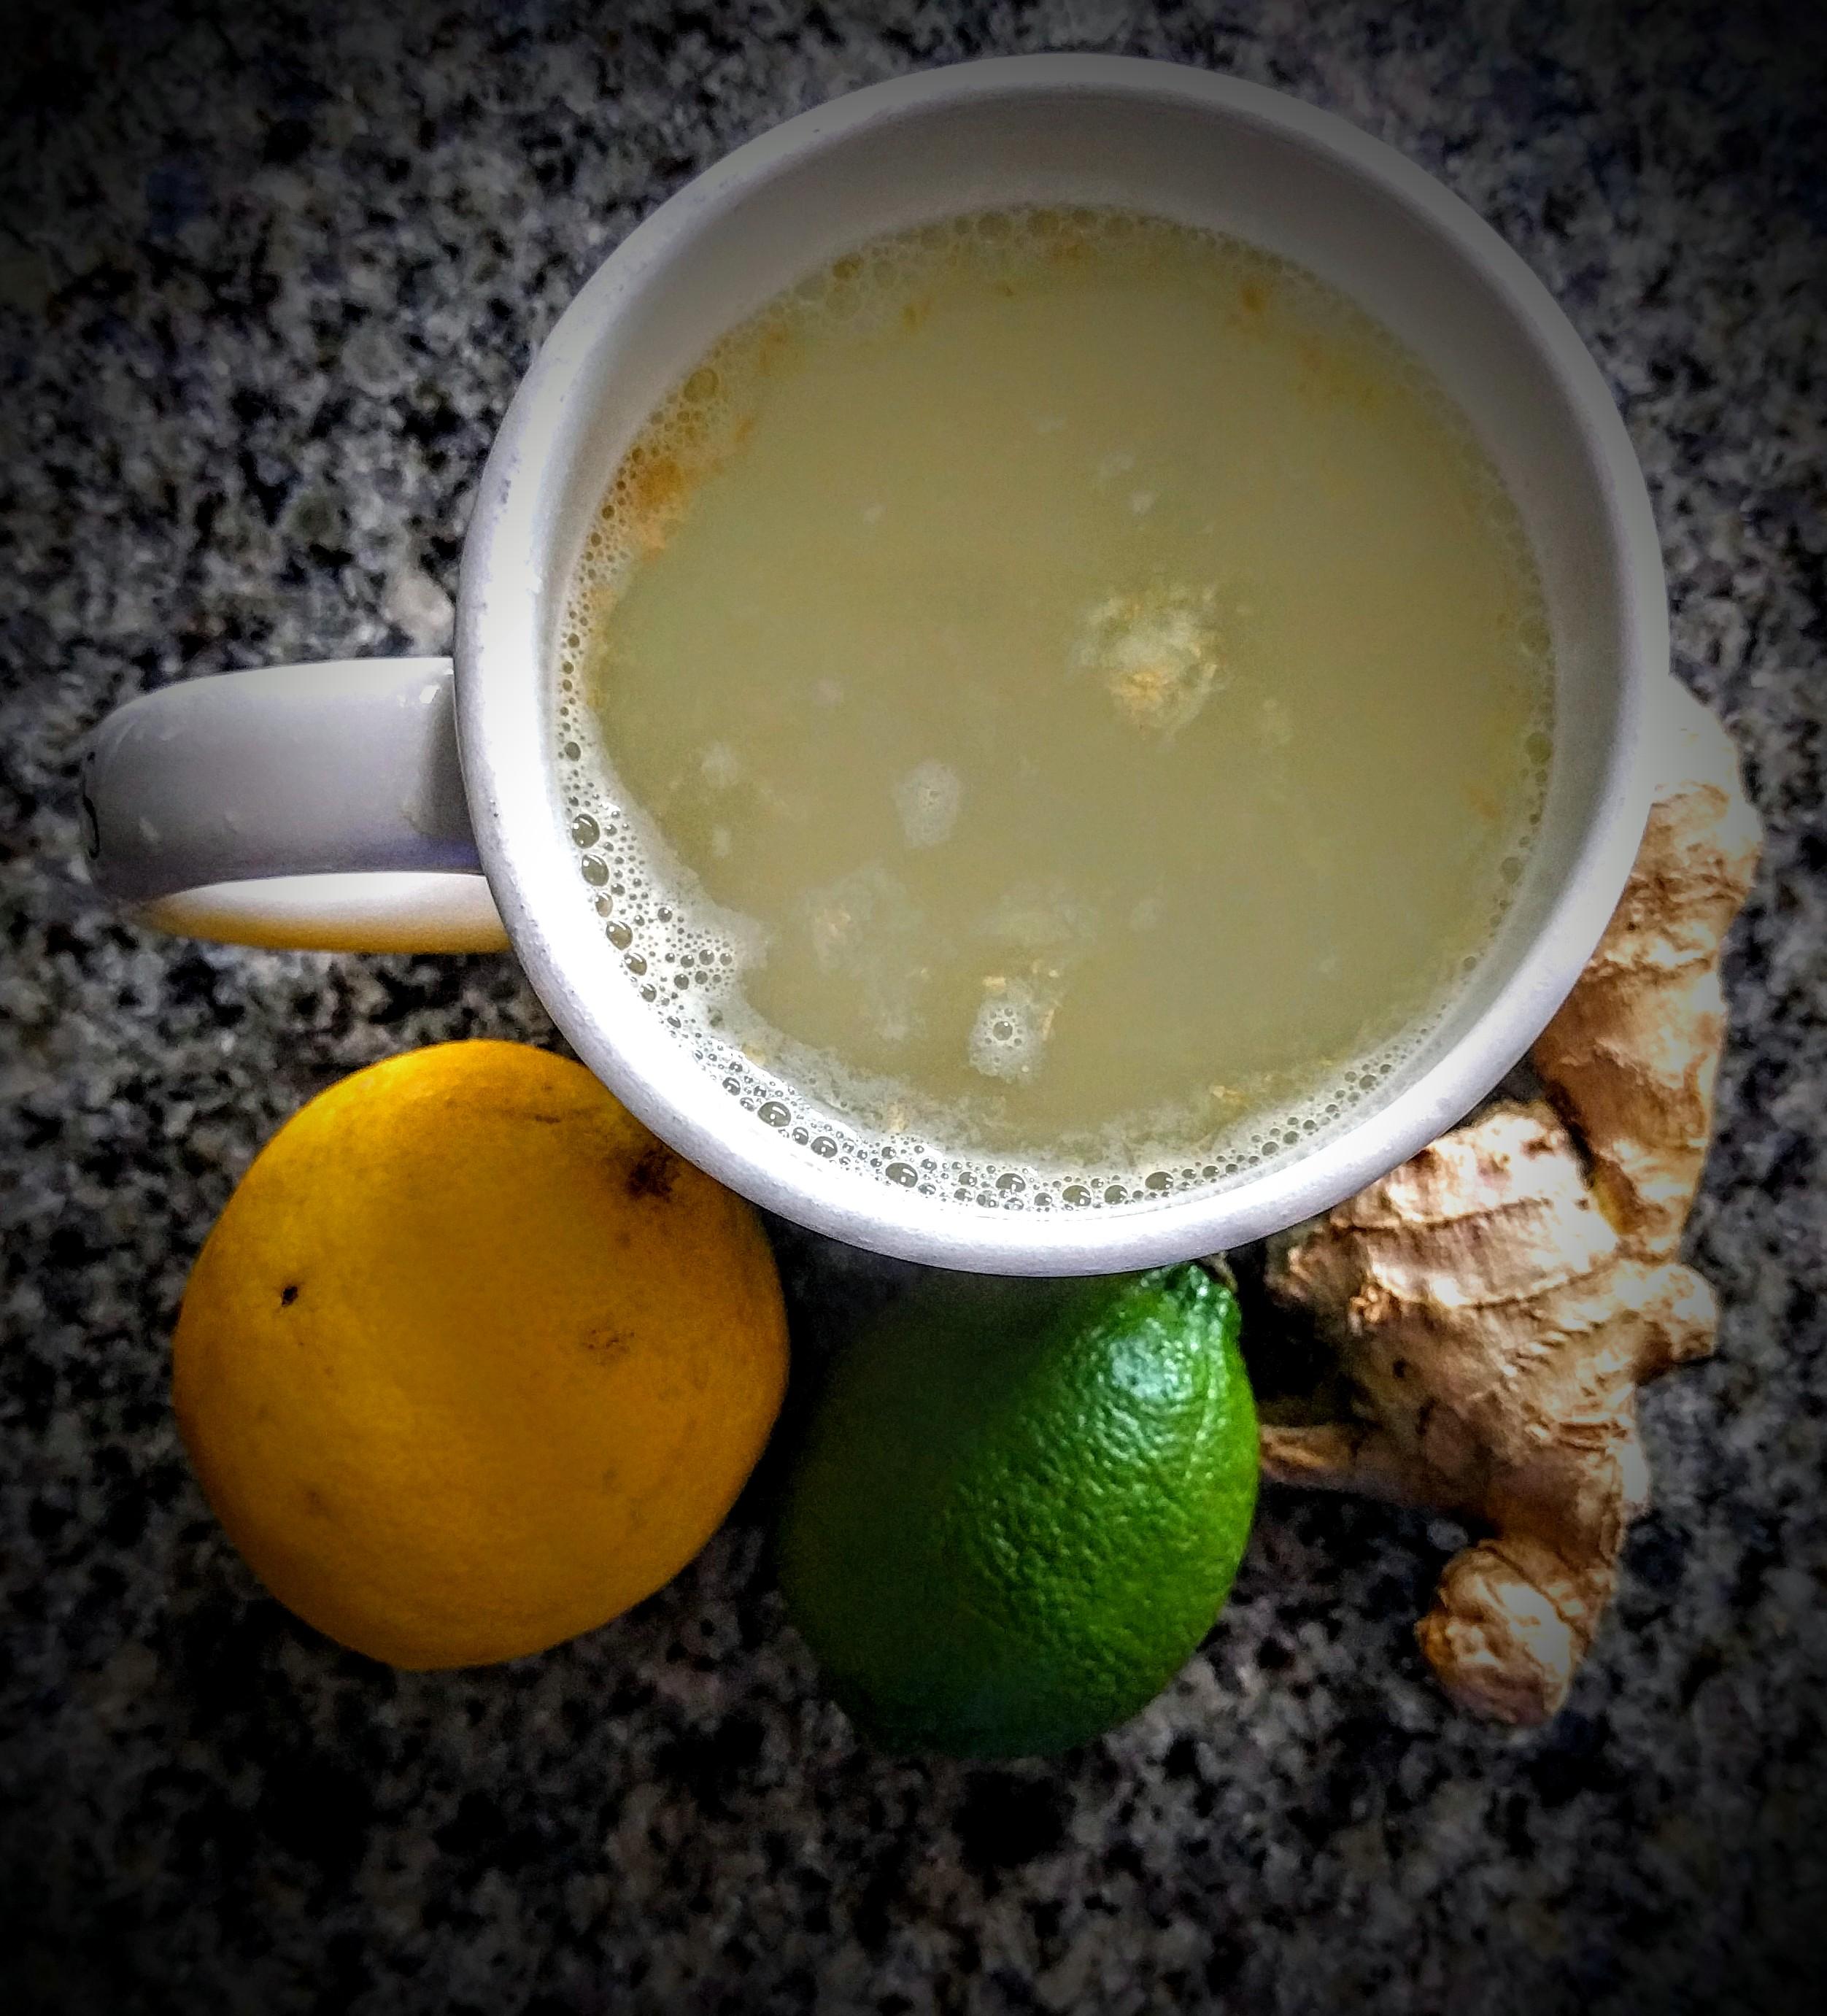 Lemon, Lime and Ginger Tea